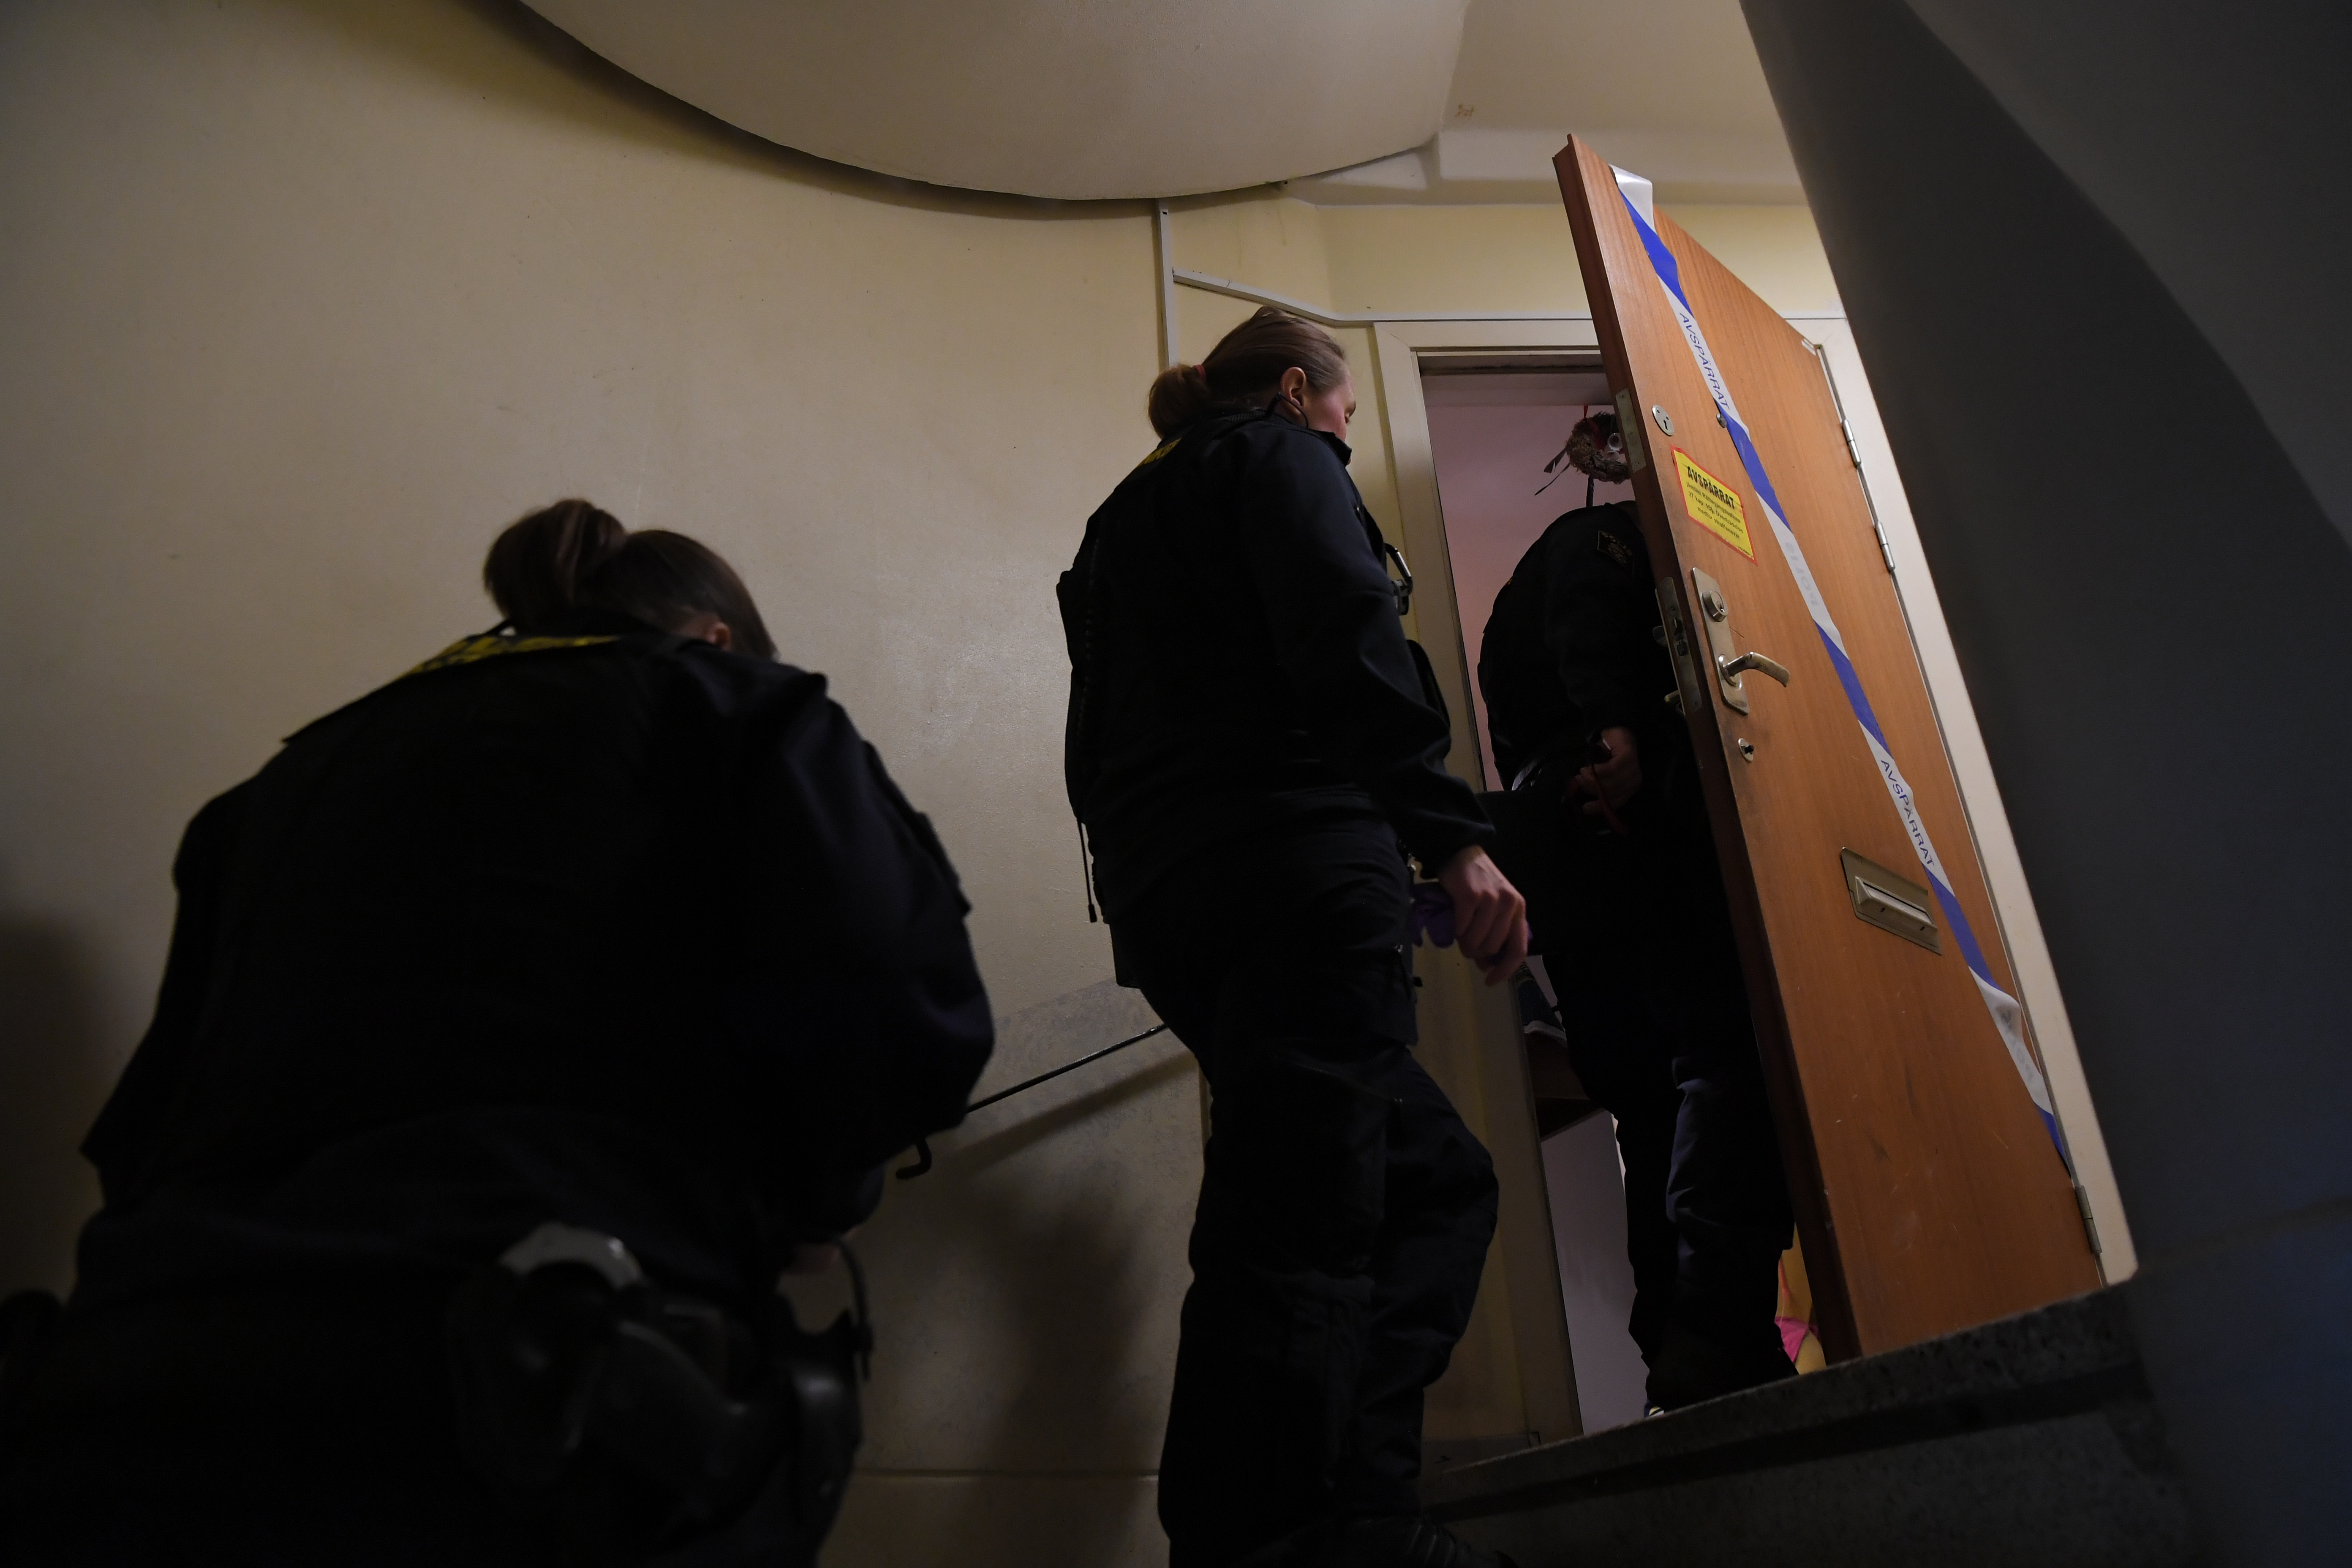 Nem találtak bizonyítékot arra, hogy a svéd nő 30 éven keresztül fogvatartotta volna a fiát